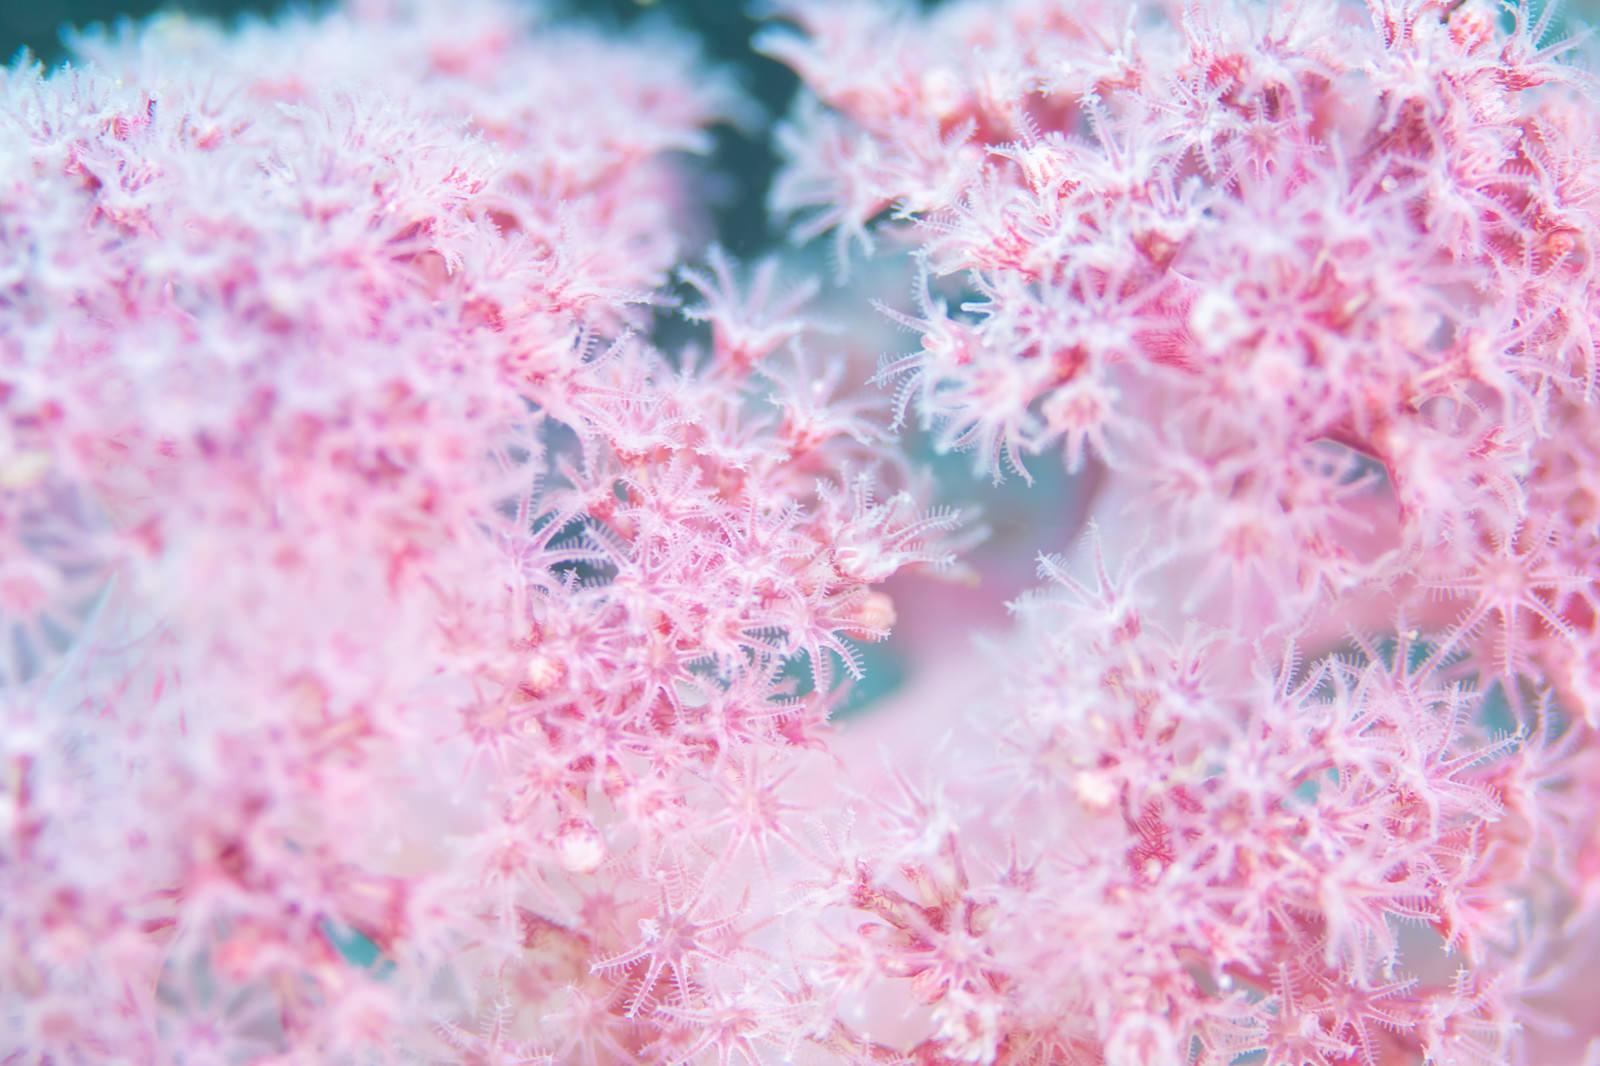 「ピンクのポリプを持つ水生動物」の写真